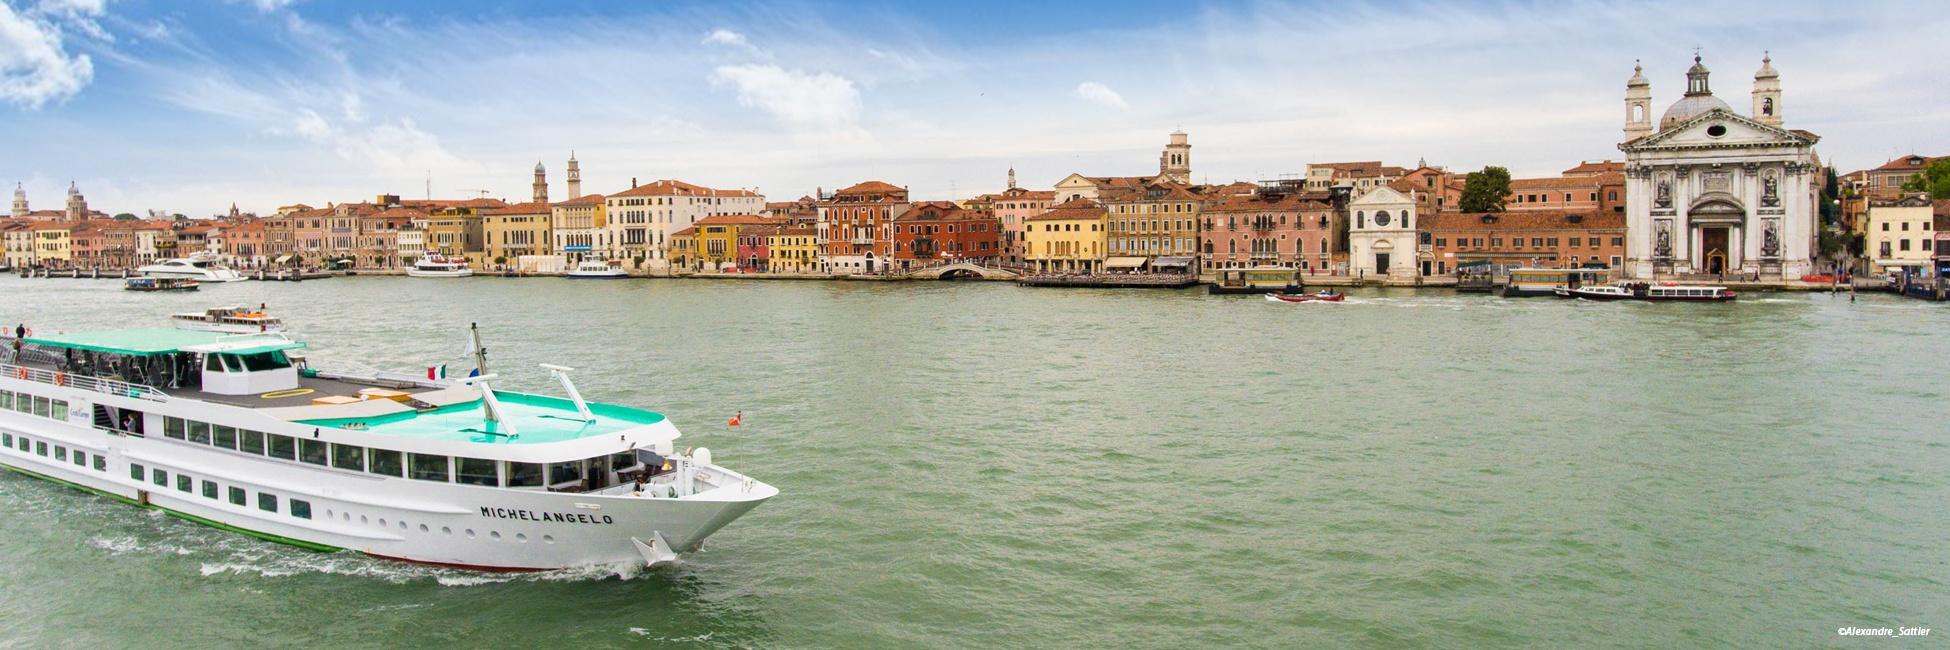 MS Michelangelo à Venise